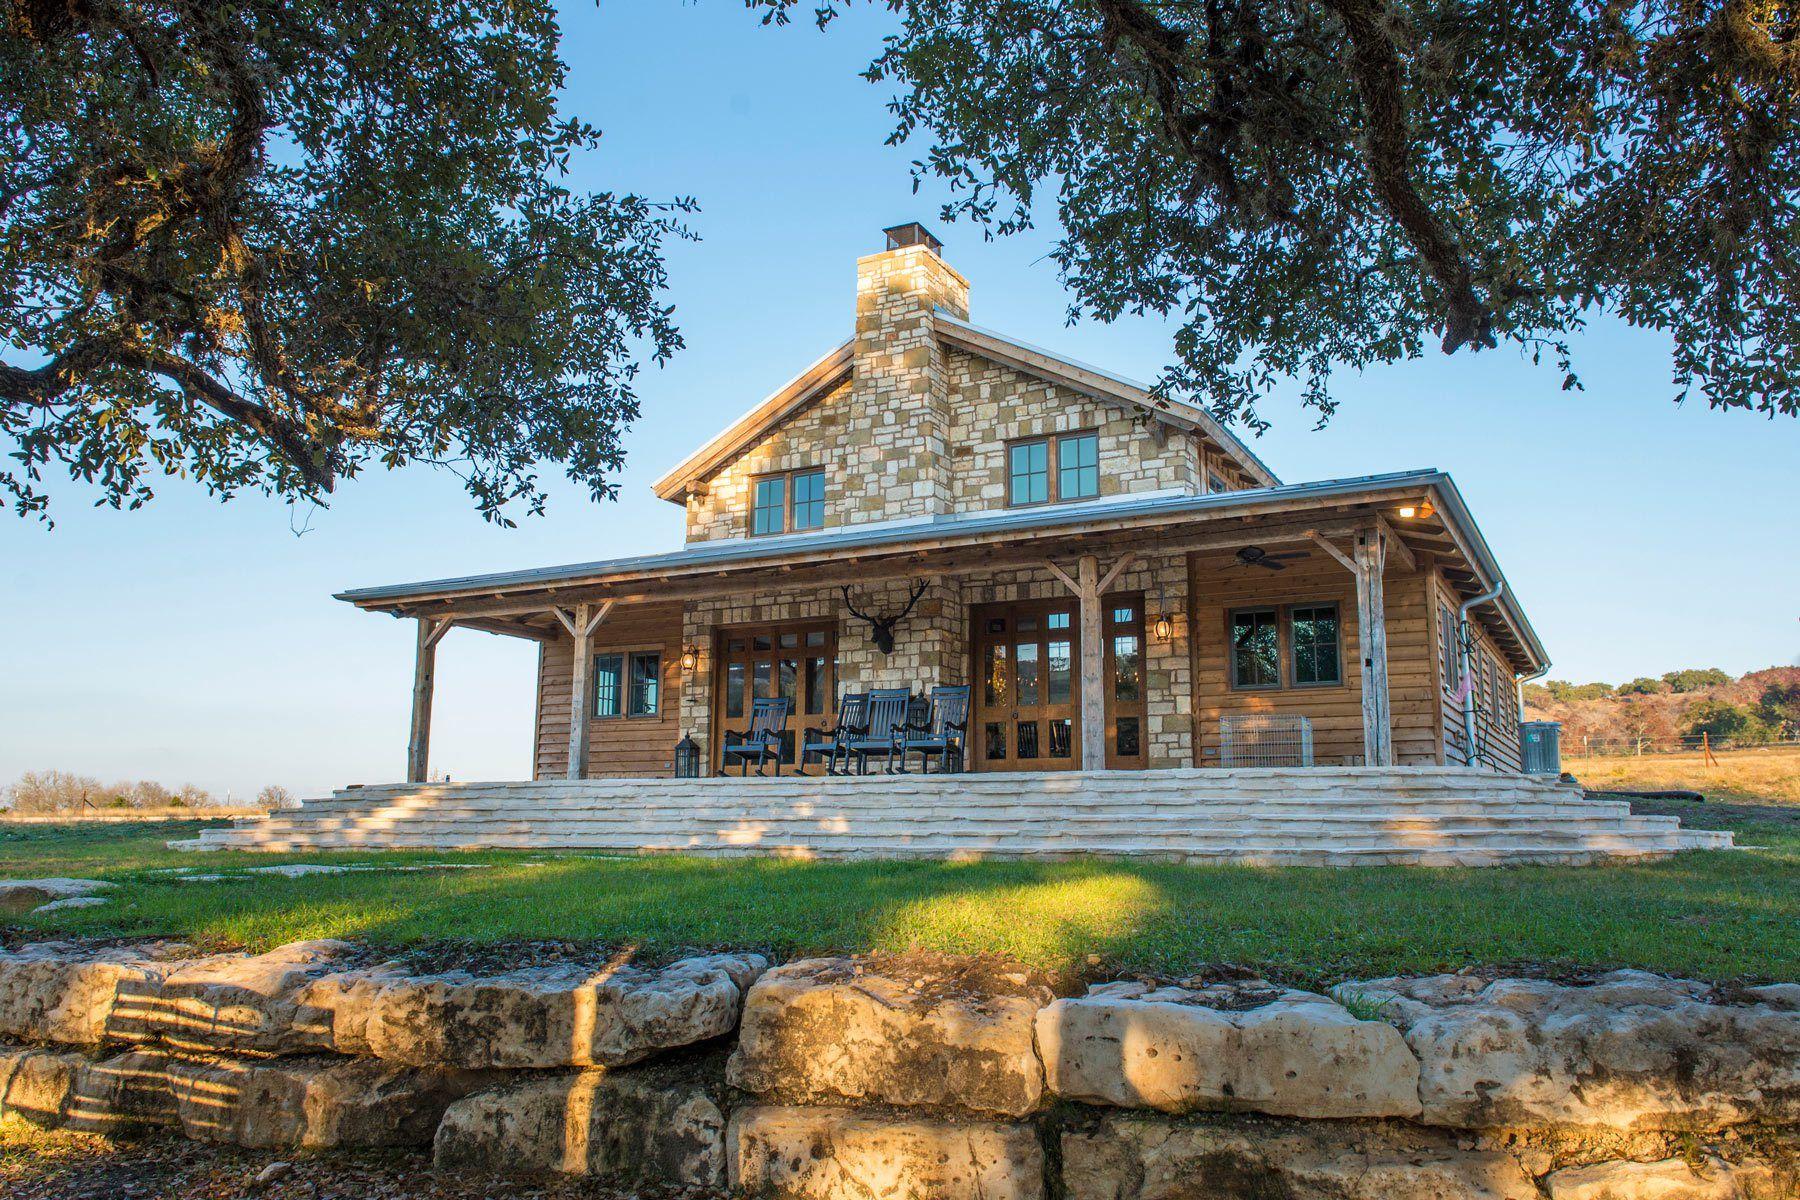 Texas Ranch Style Modular Home Plans Trend Home Design Decor